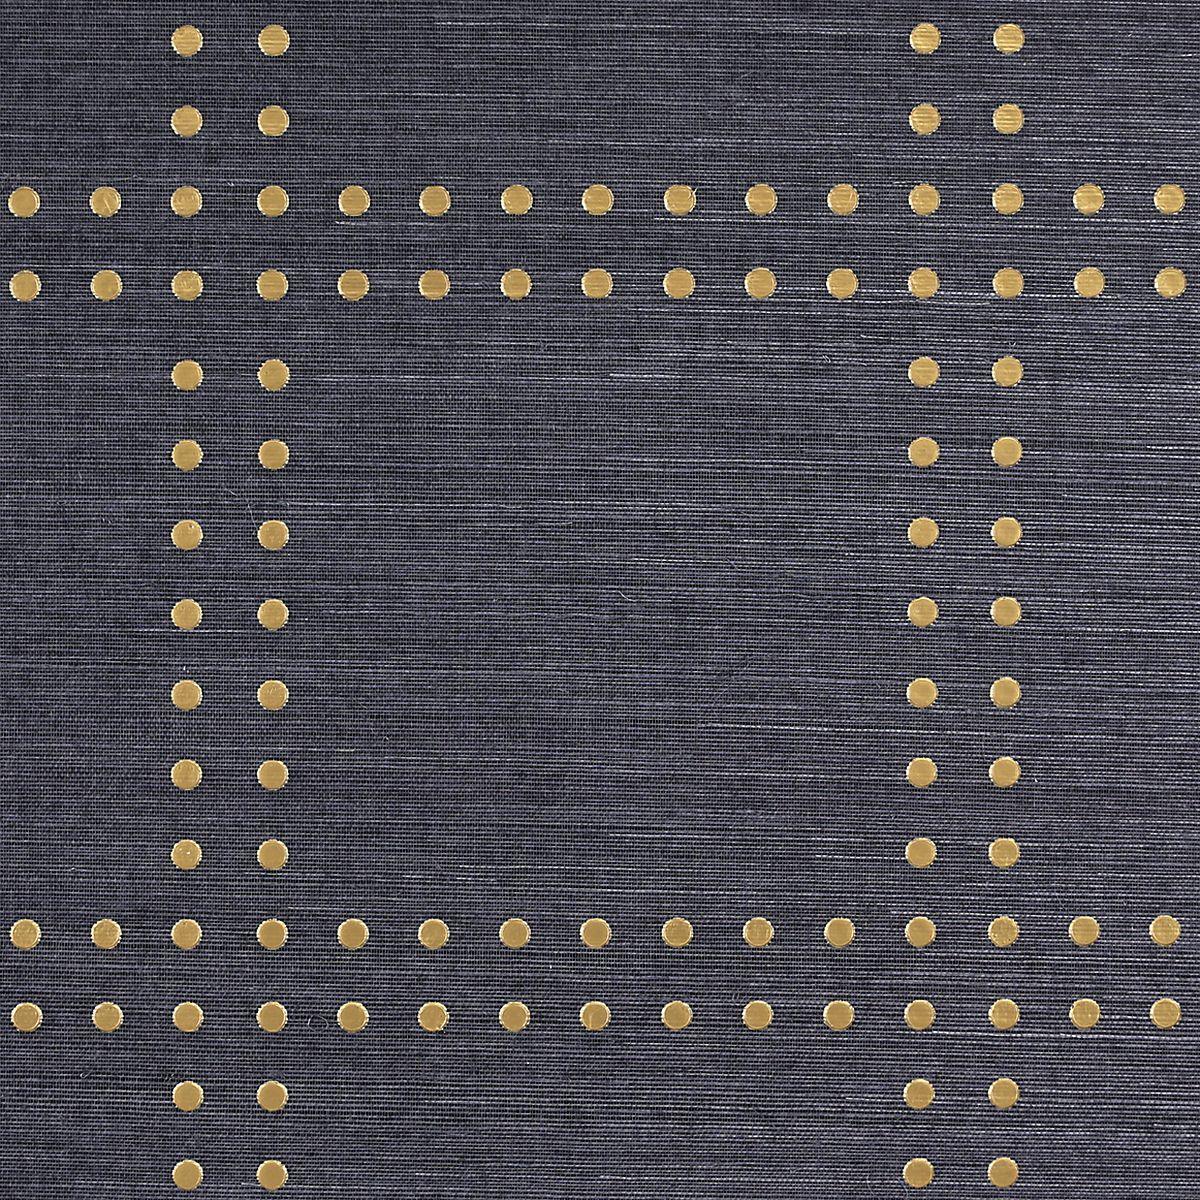 Navy Grasscloth Wallpaper And Gold Rivets Mirror: PJ_5700 GOLD ON NAVY MANILA HEMP RIVETS